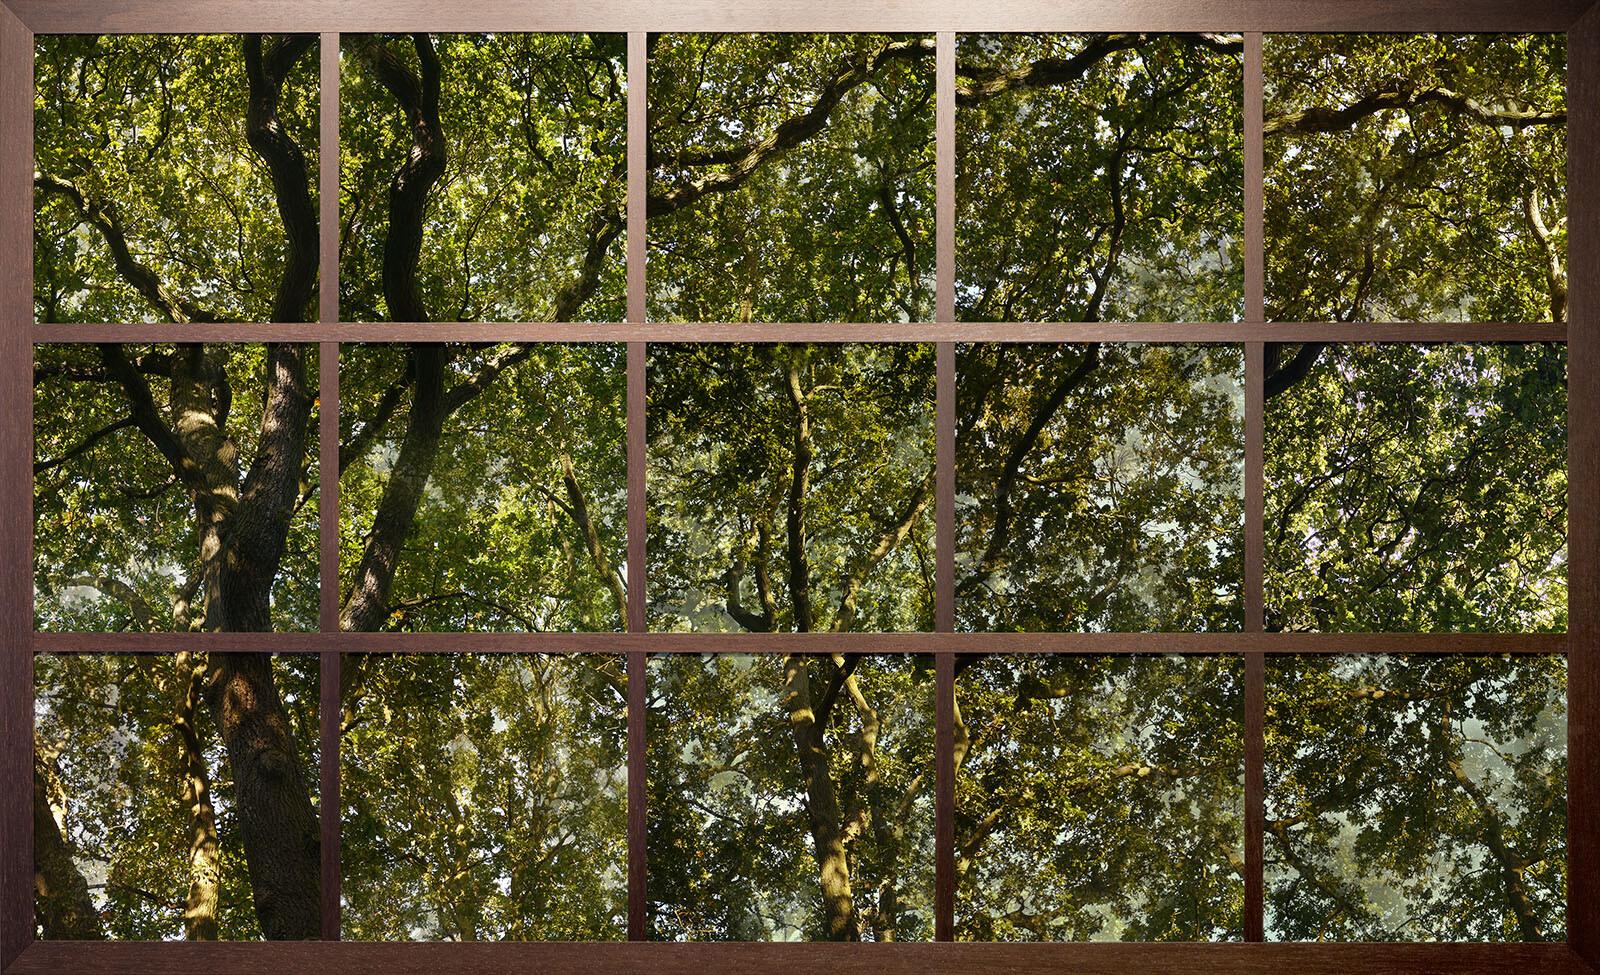 Treescape I - Christiane Zschommler